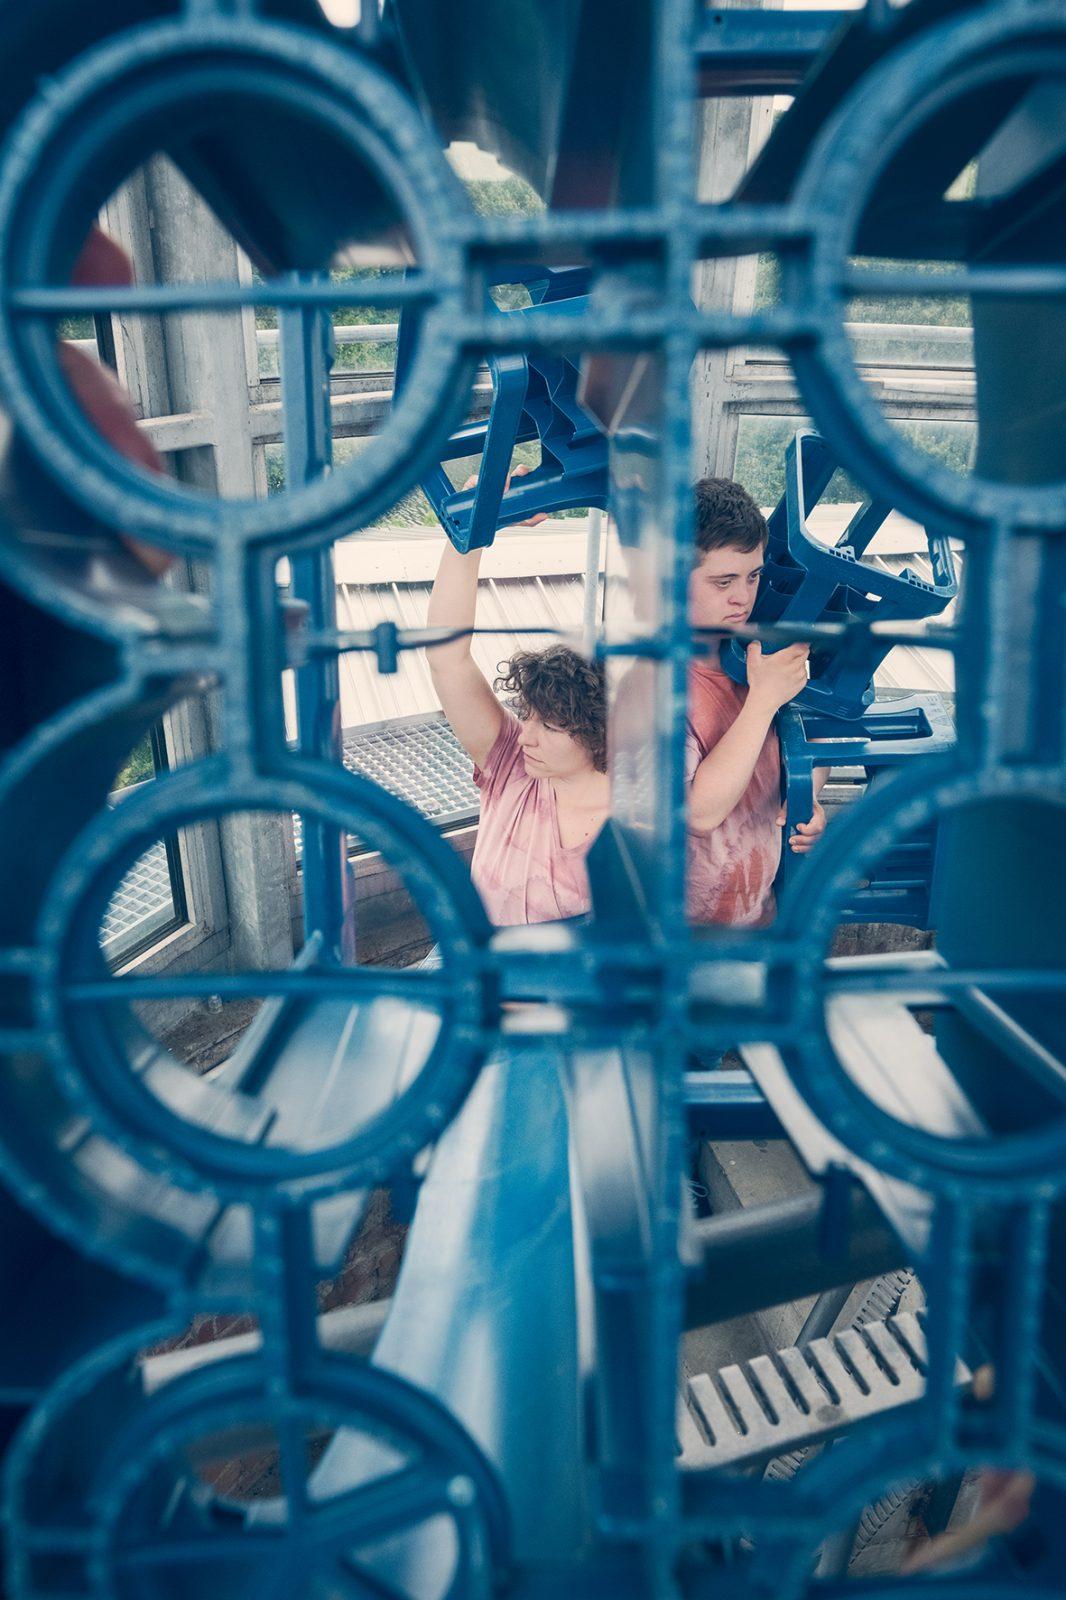 zwei TänzerInnen mit blauen Getränkekisten